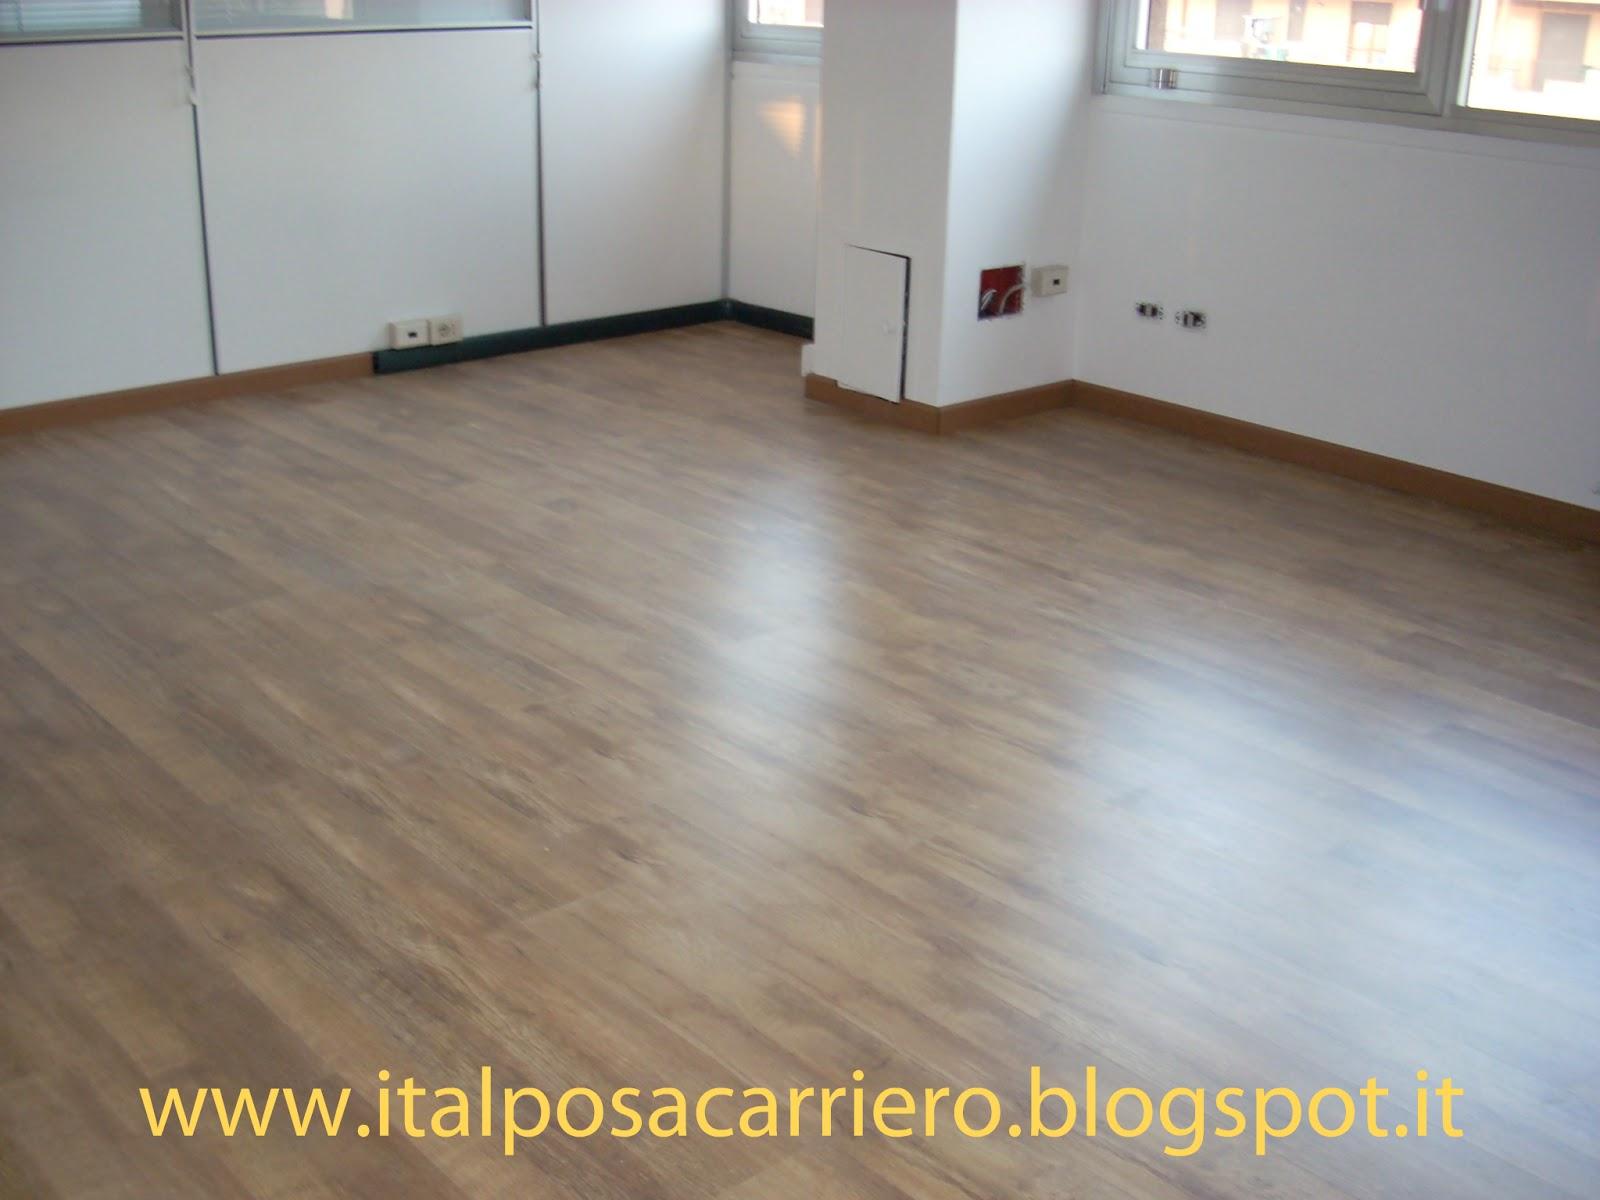 Italposa pavimenti blog: aprile 2013